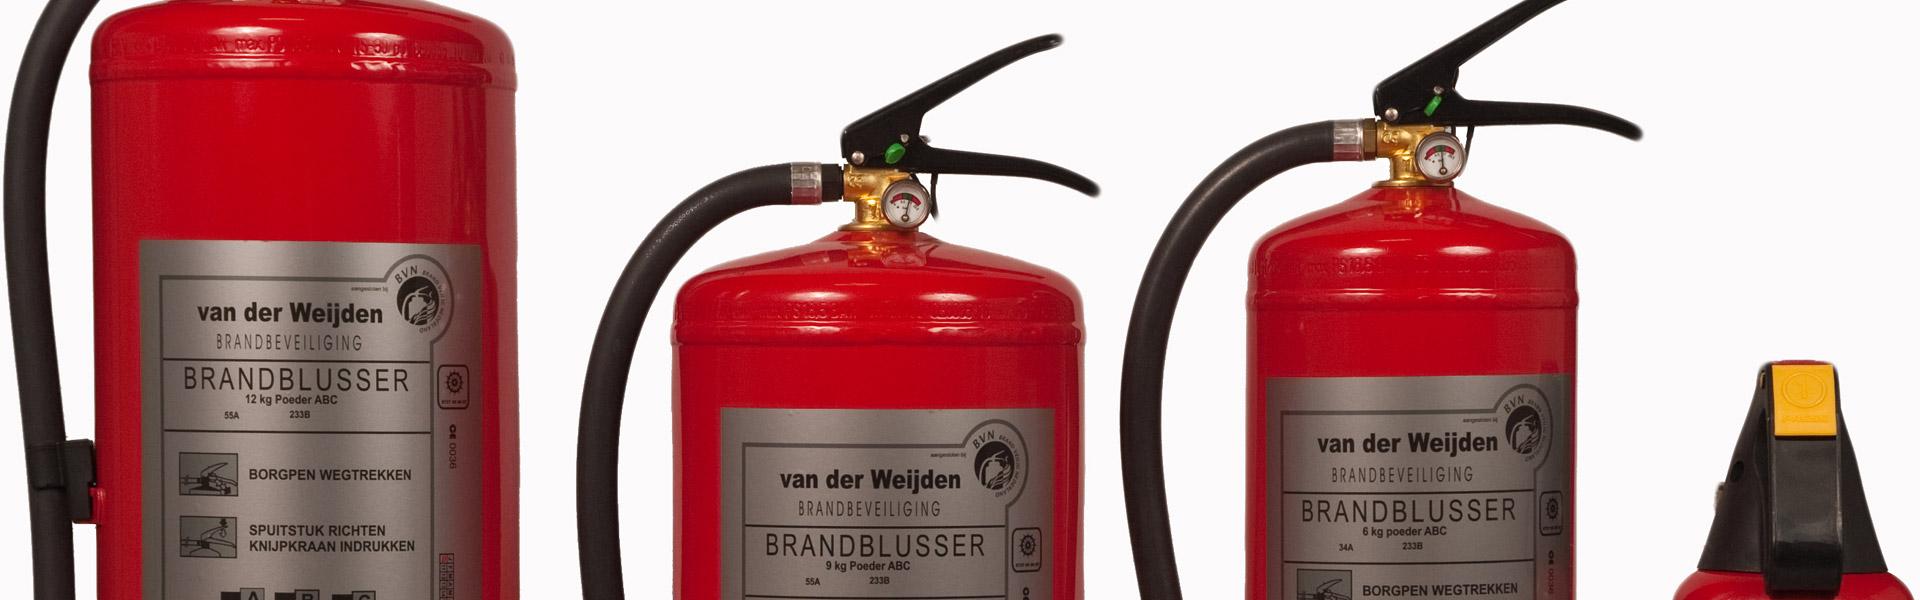 Brandbeveiliging Van der Weijden